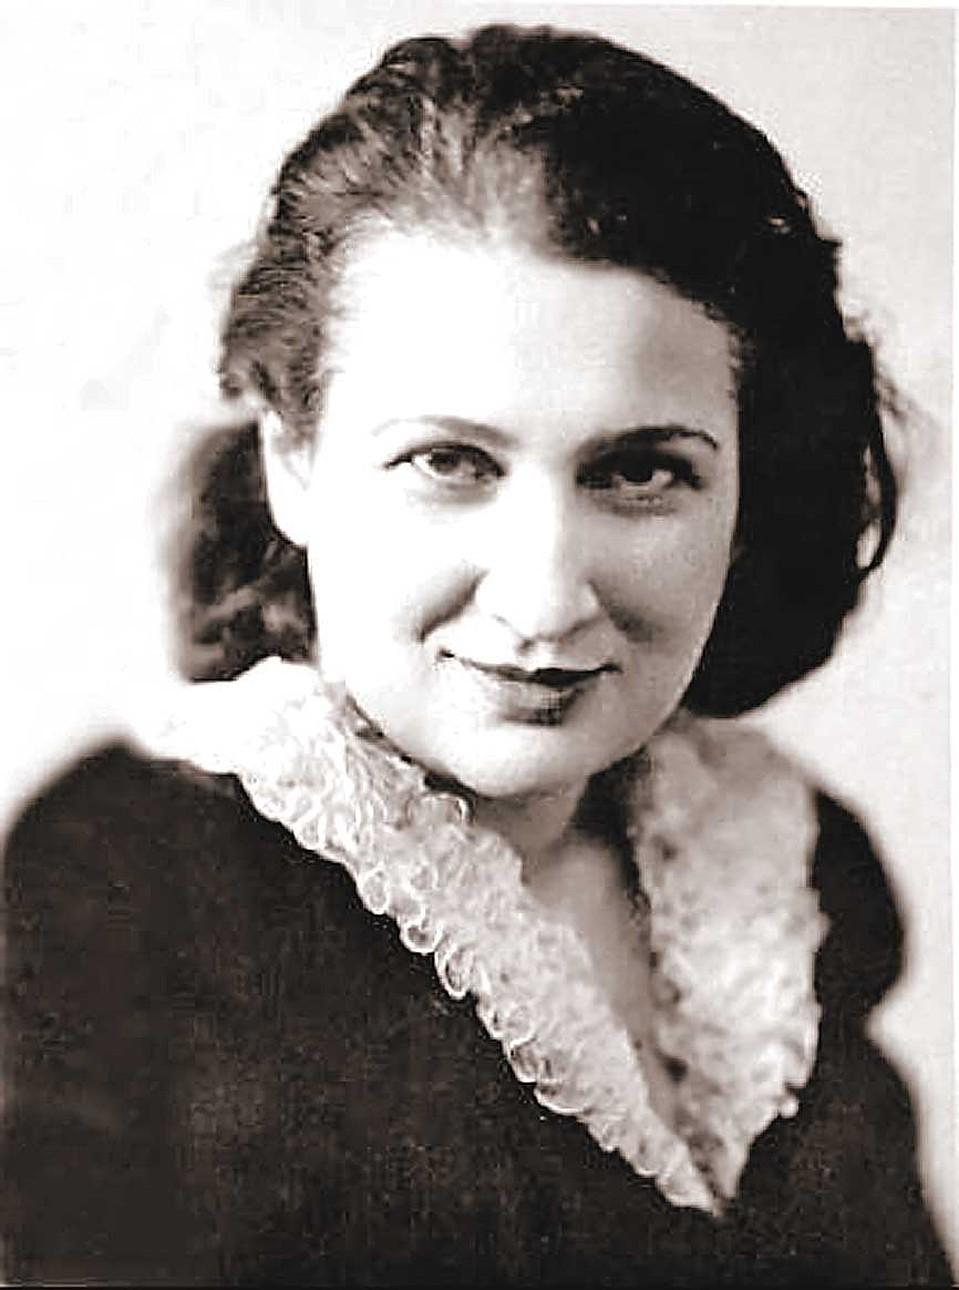 Юлия Мельцер, жена Якова Джугашвили (1911 - 1968). Фото: wikimedia.org